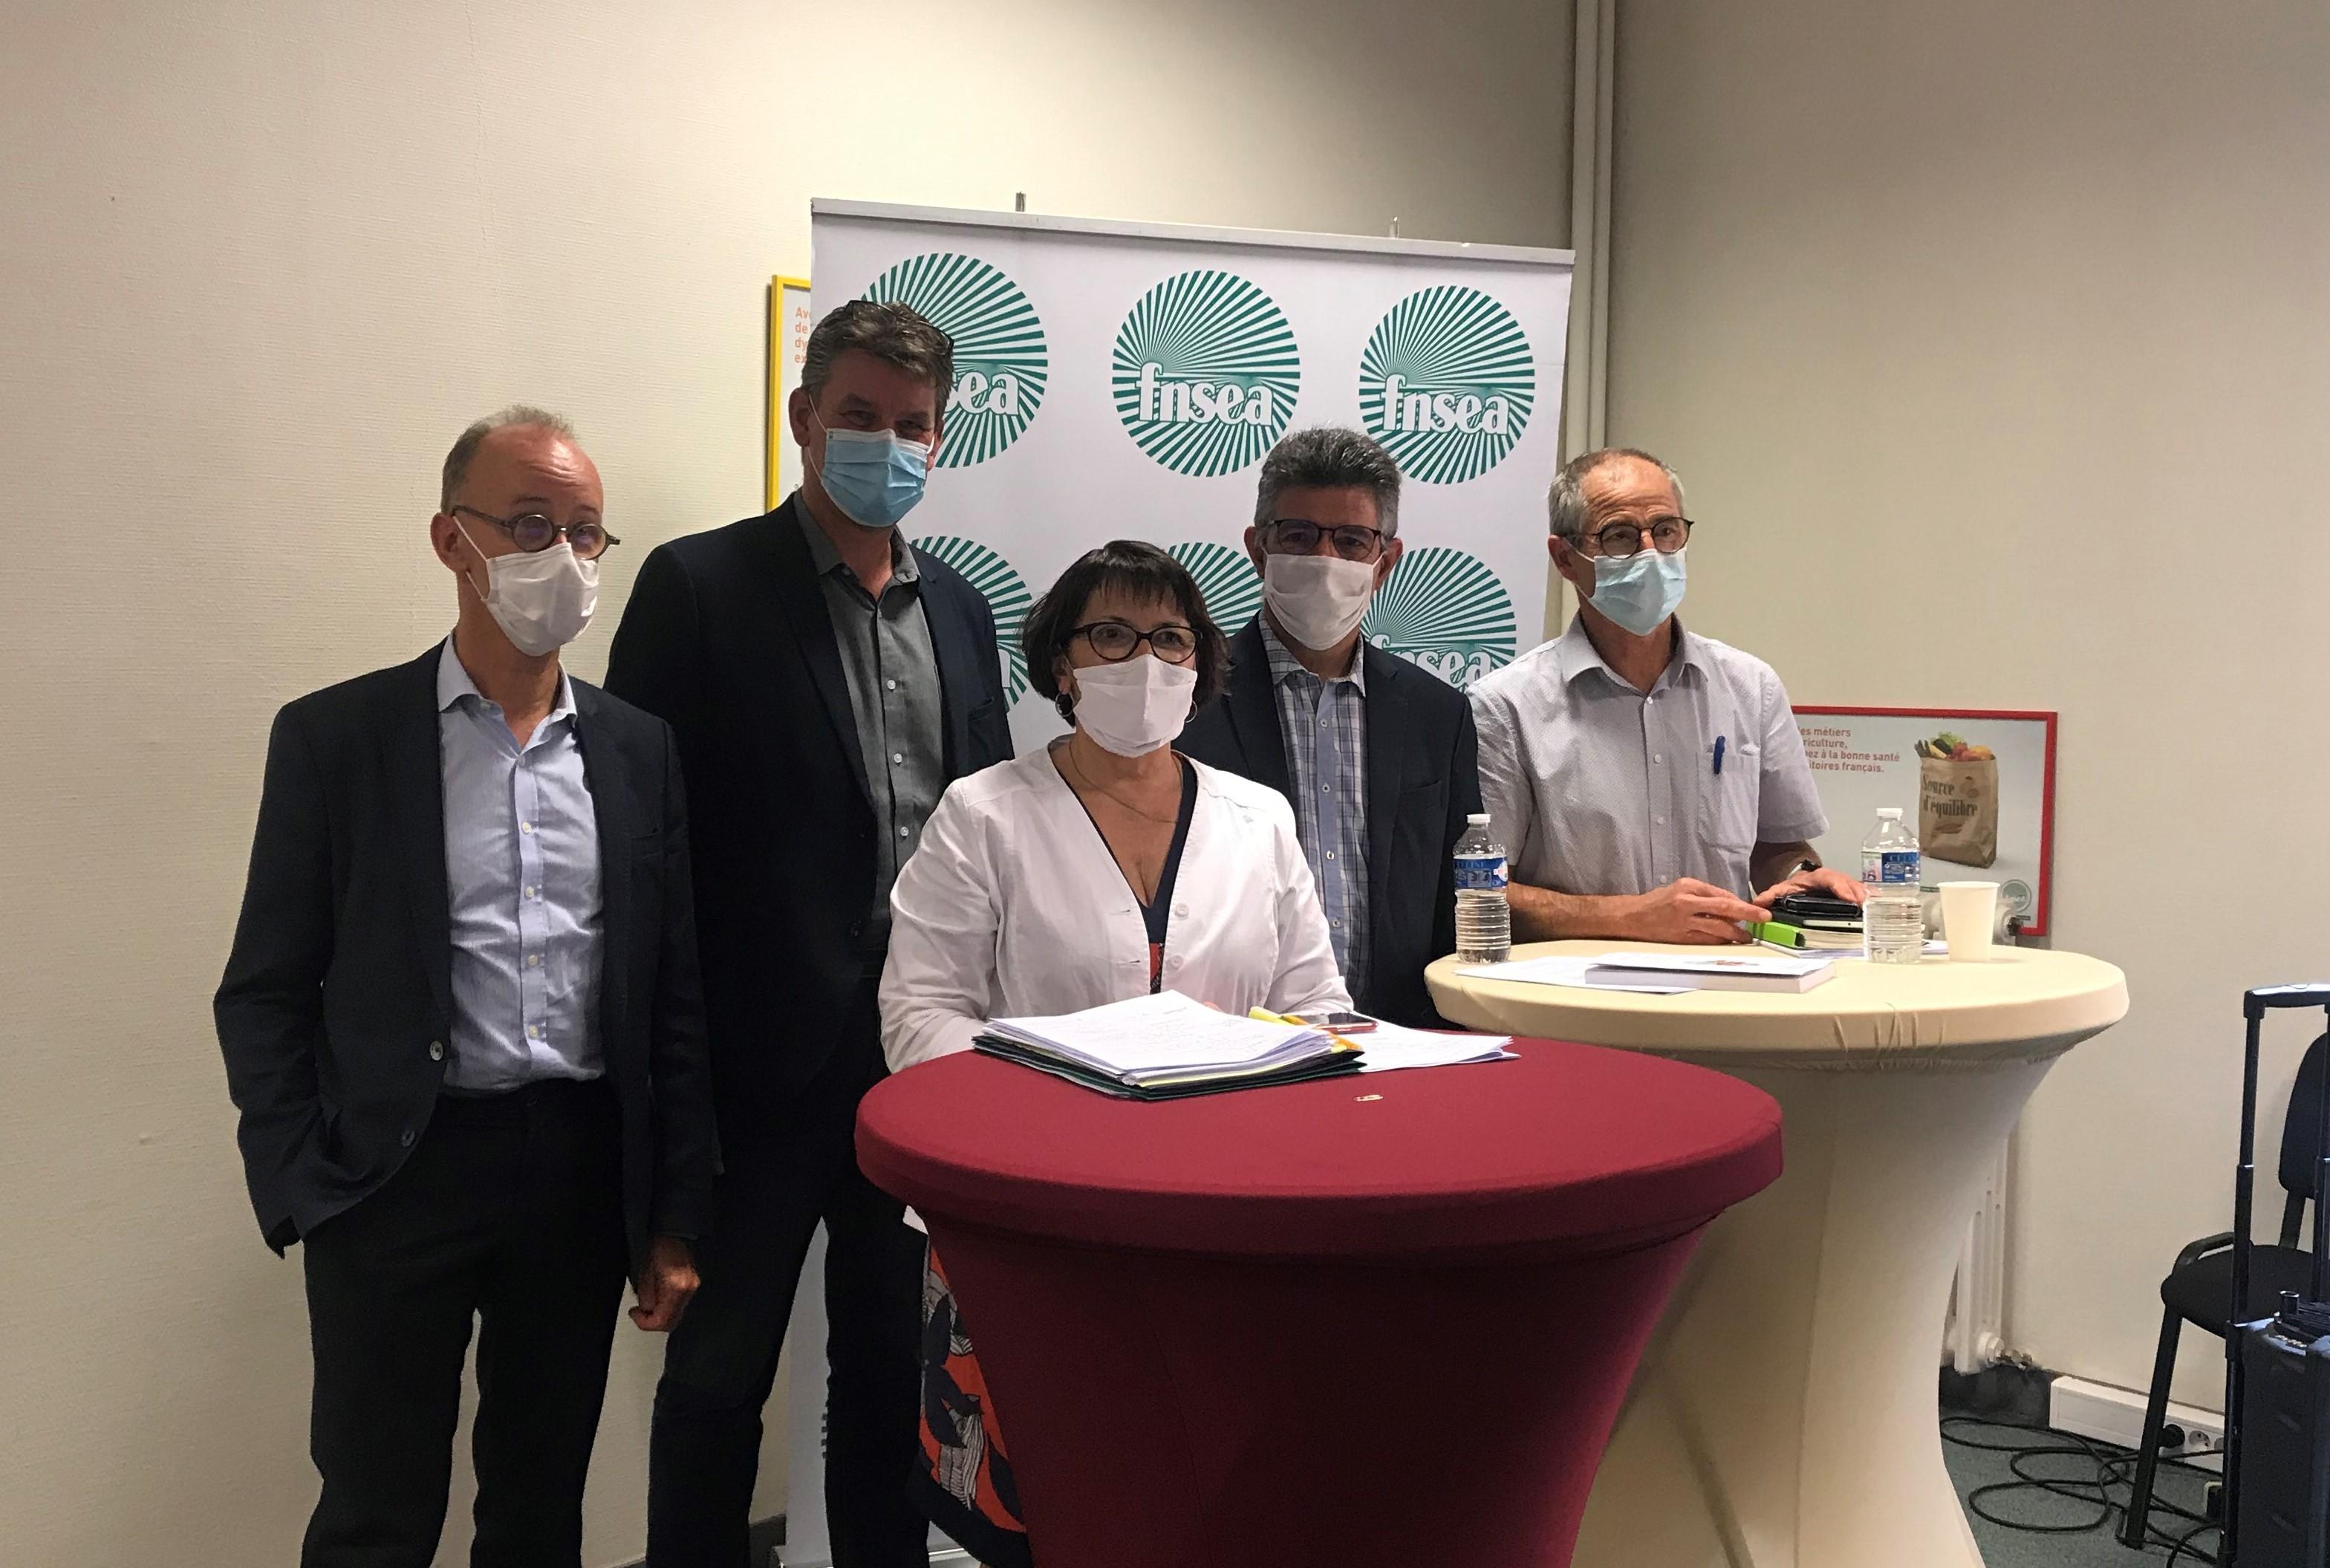 Christiane Lambert avec les quatre rapporteurs du rapport d'orientation de la FNSEA : de gauche à droite Olivier Dauger, Hervé Lapie, Henri Bies-Péré et Joël Limouzin.